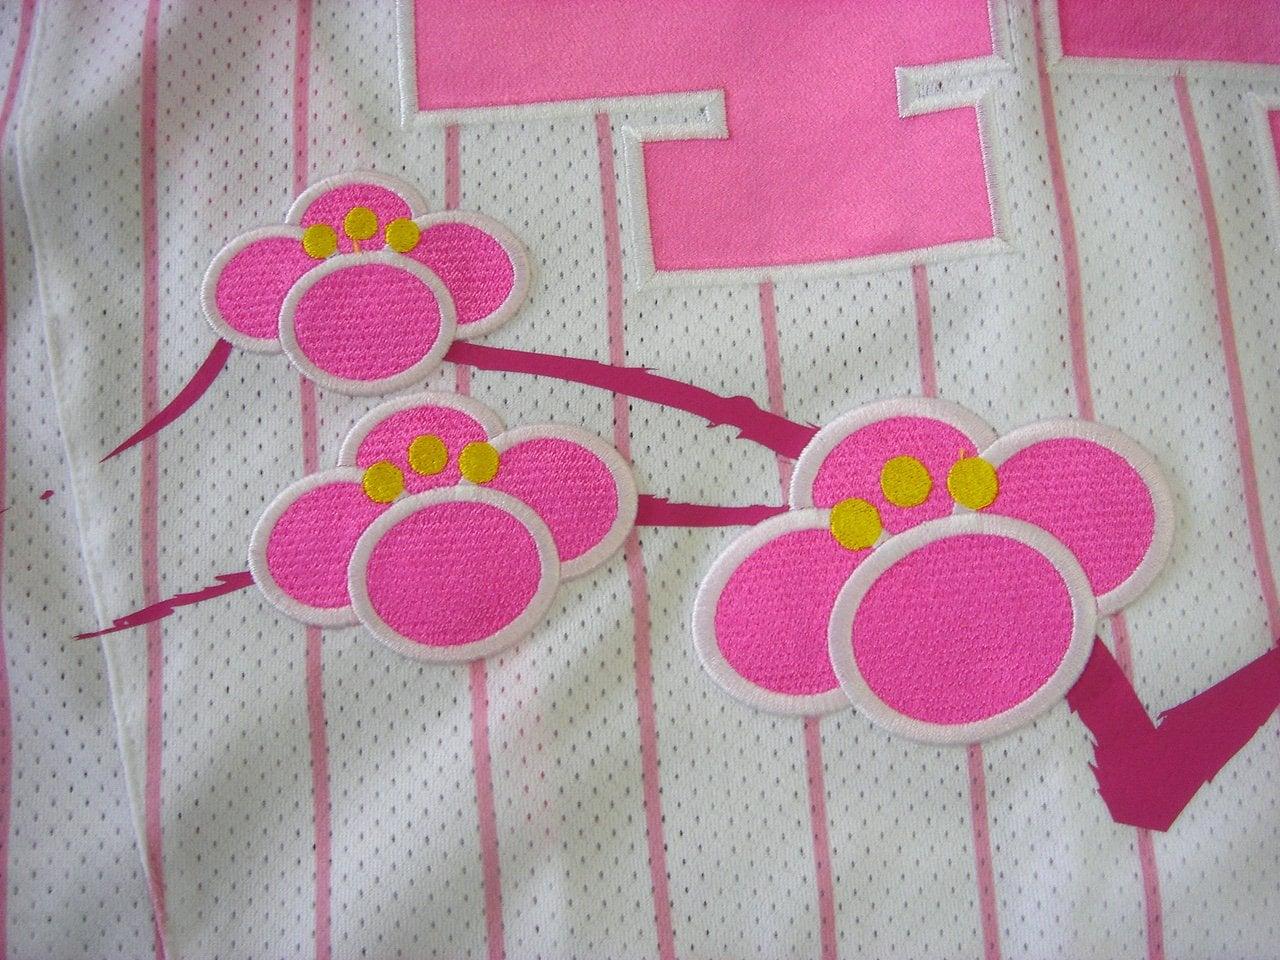 応援ユニフォーム刺繍:転写プリントとアップリケ刺繍の組み合わせ例。